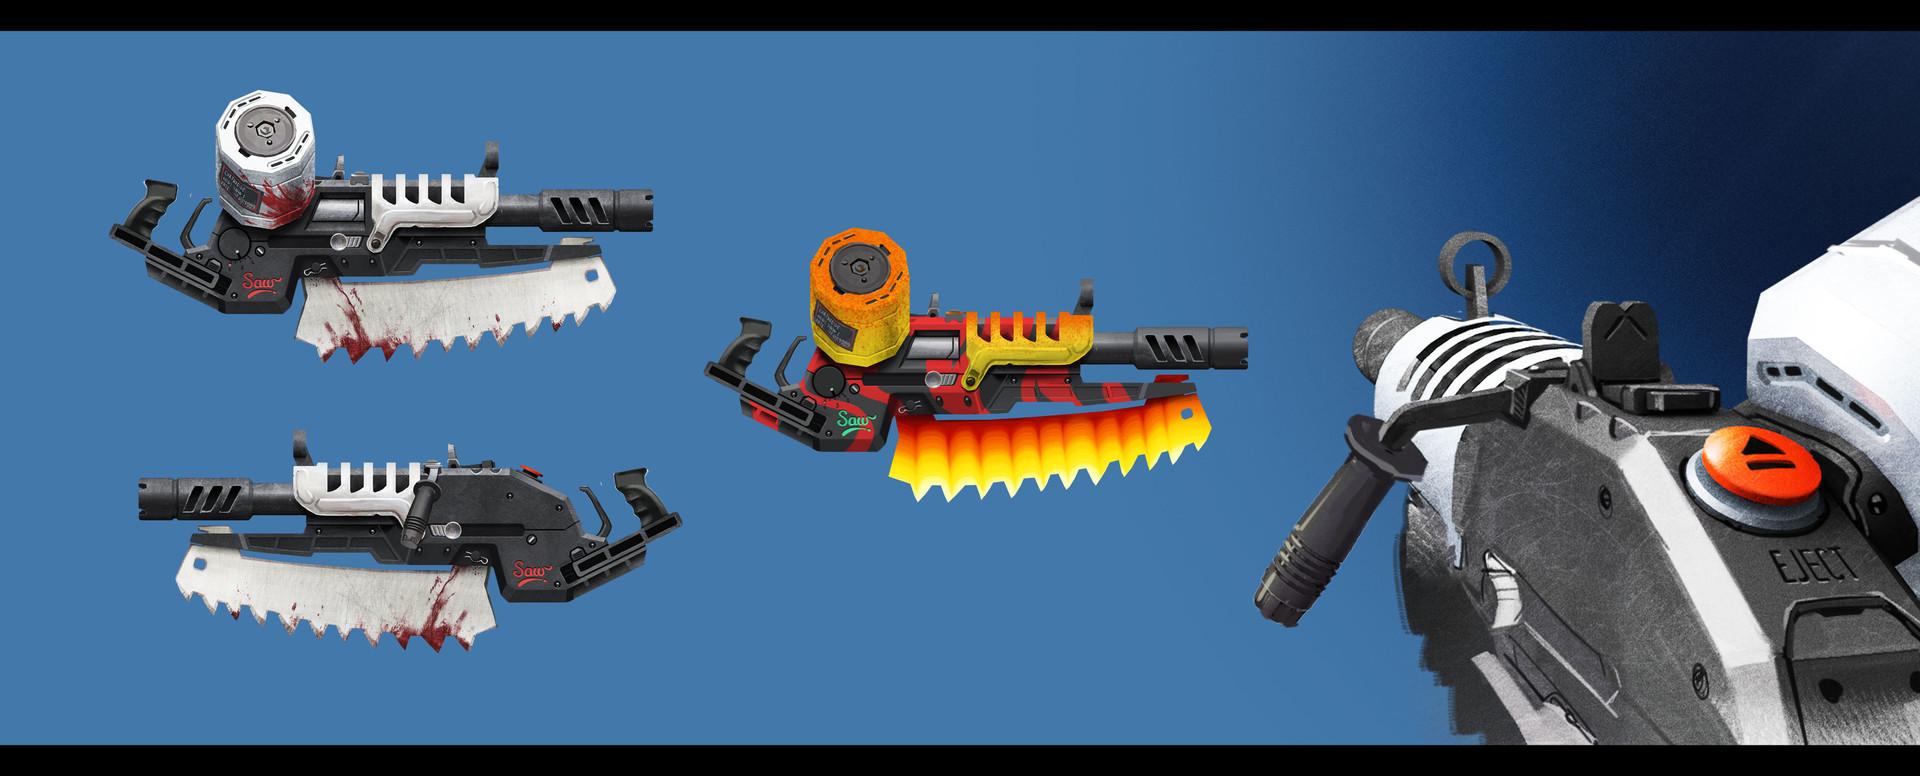 Sergey grunin gun shield machine concept